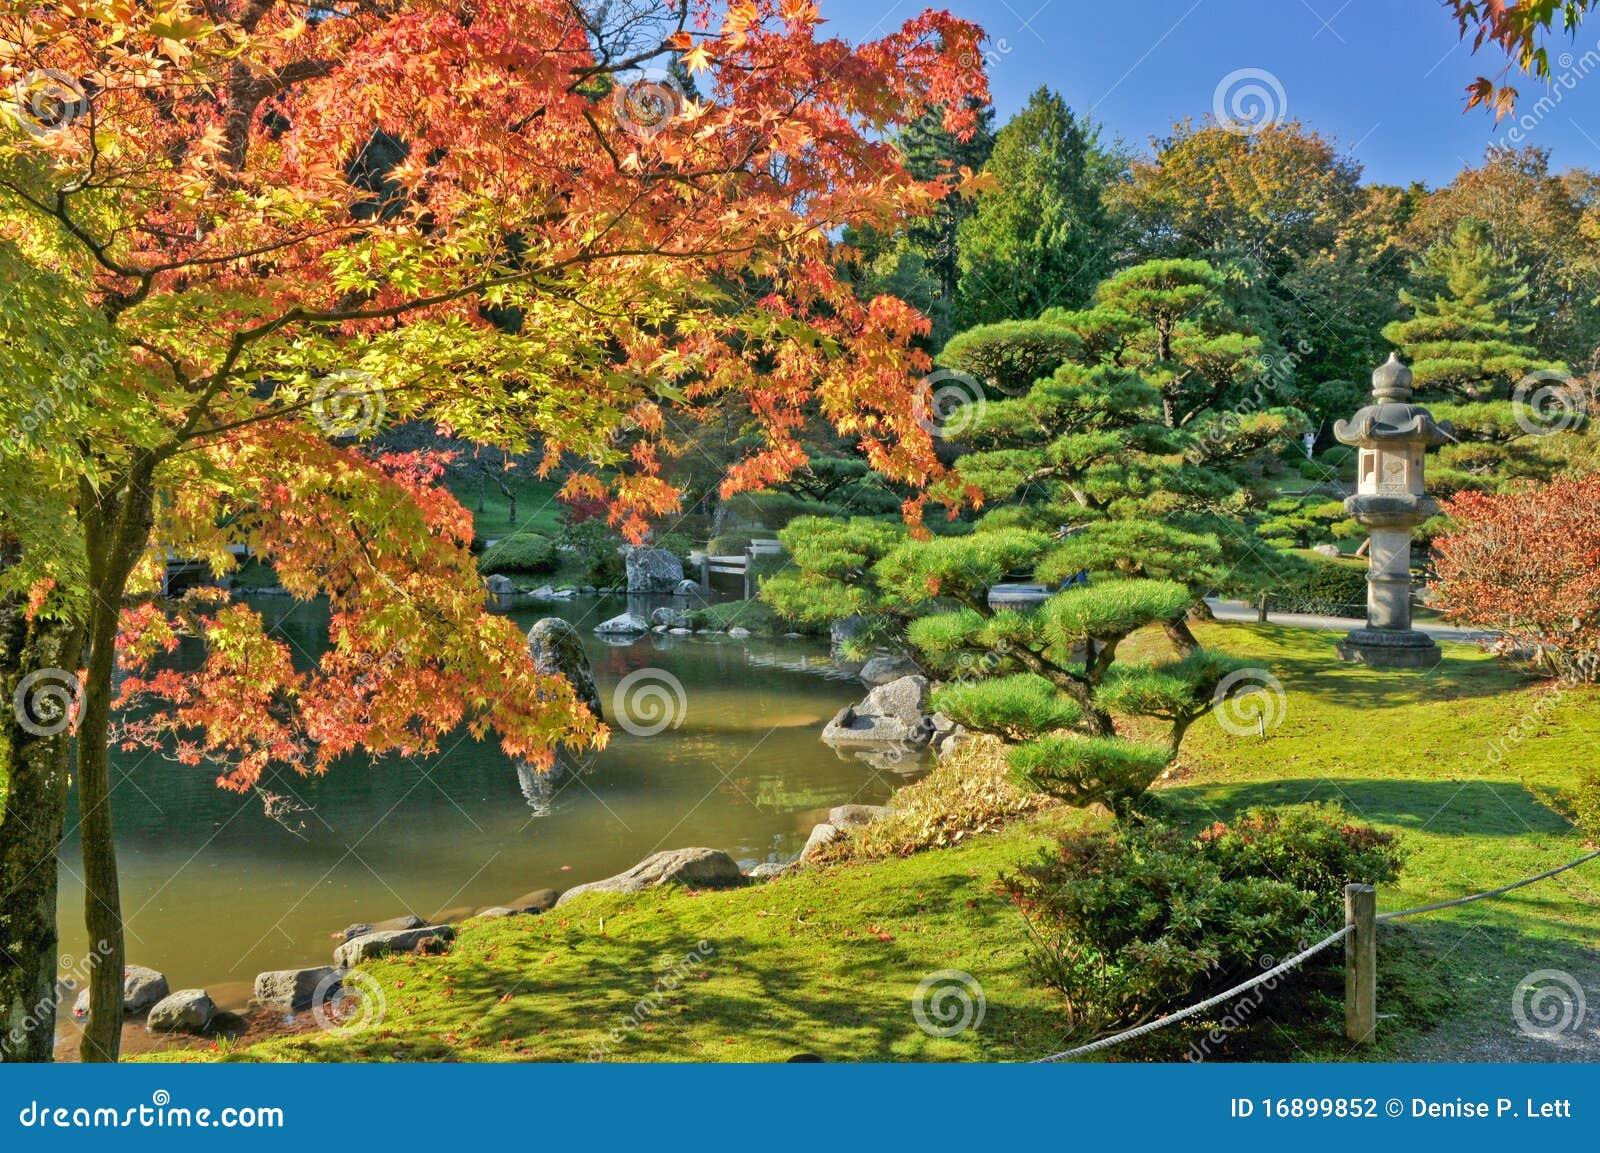 Feuillage et tang d 39 automne dans le jardin japonais for Achat jardin japonais